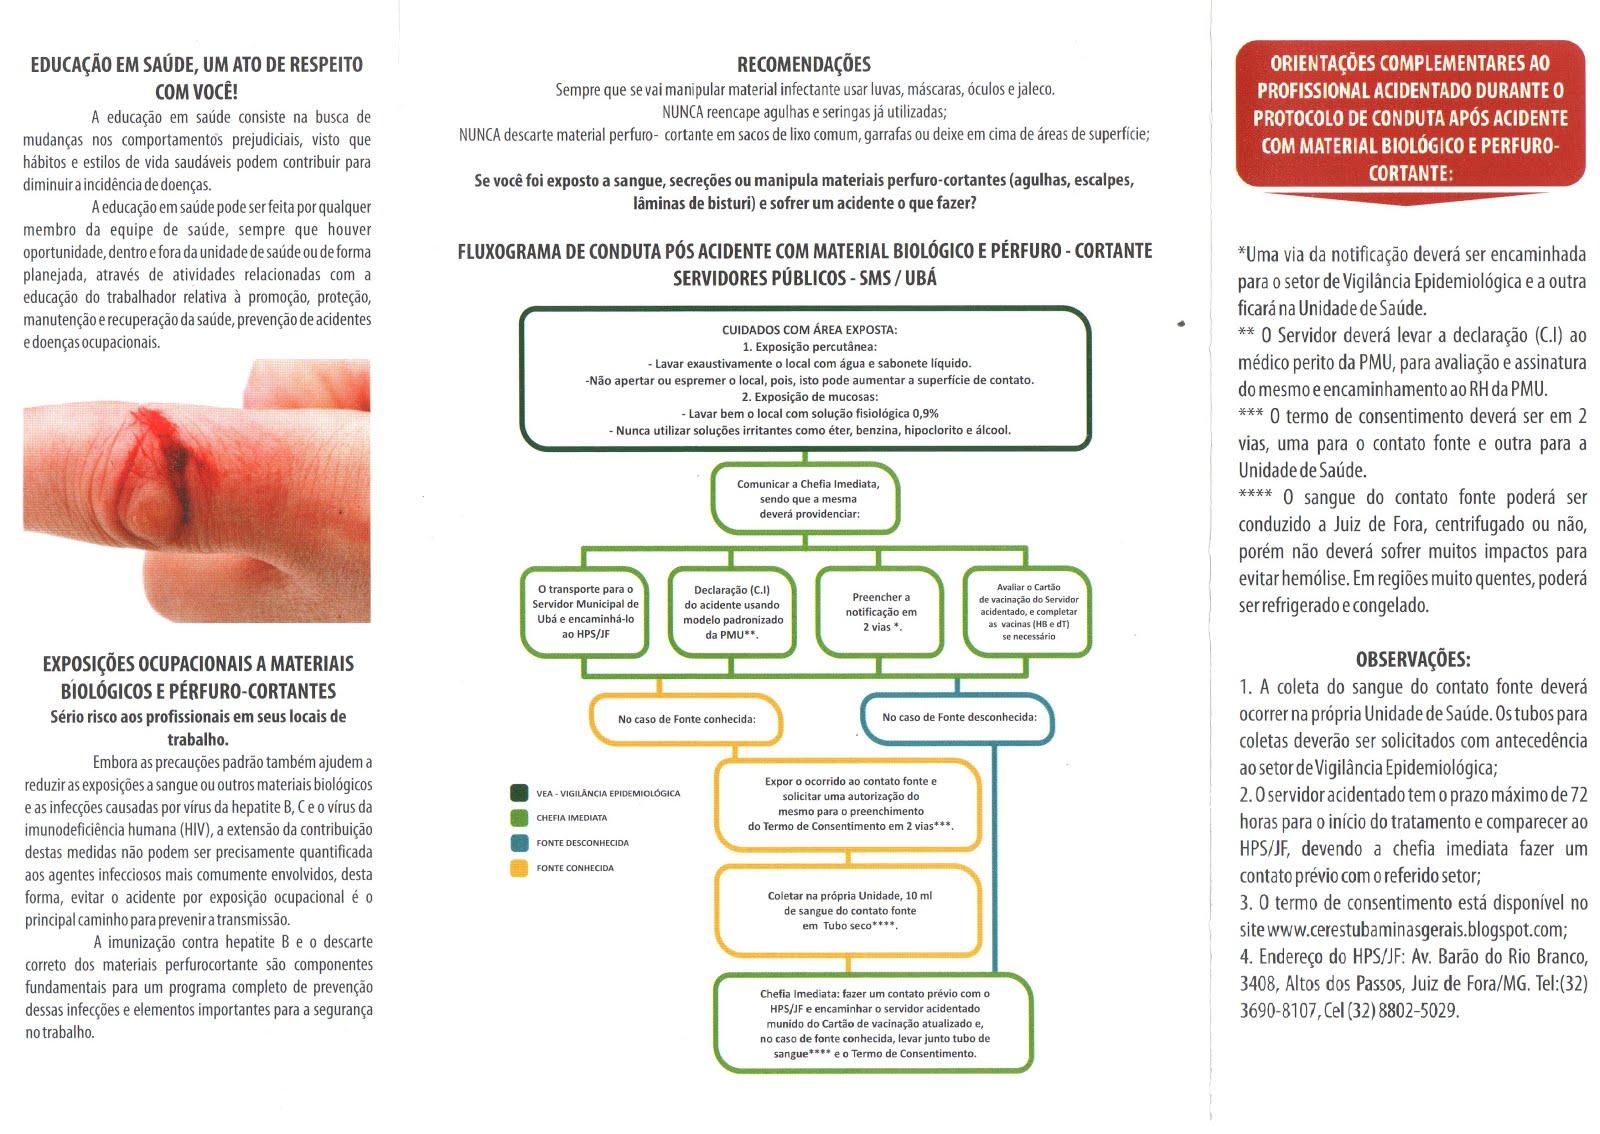 Conduta - Pós Acidente com material Biológico e  Pérfuro - Cortante